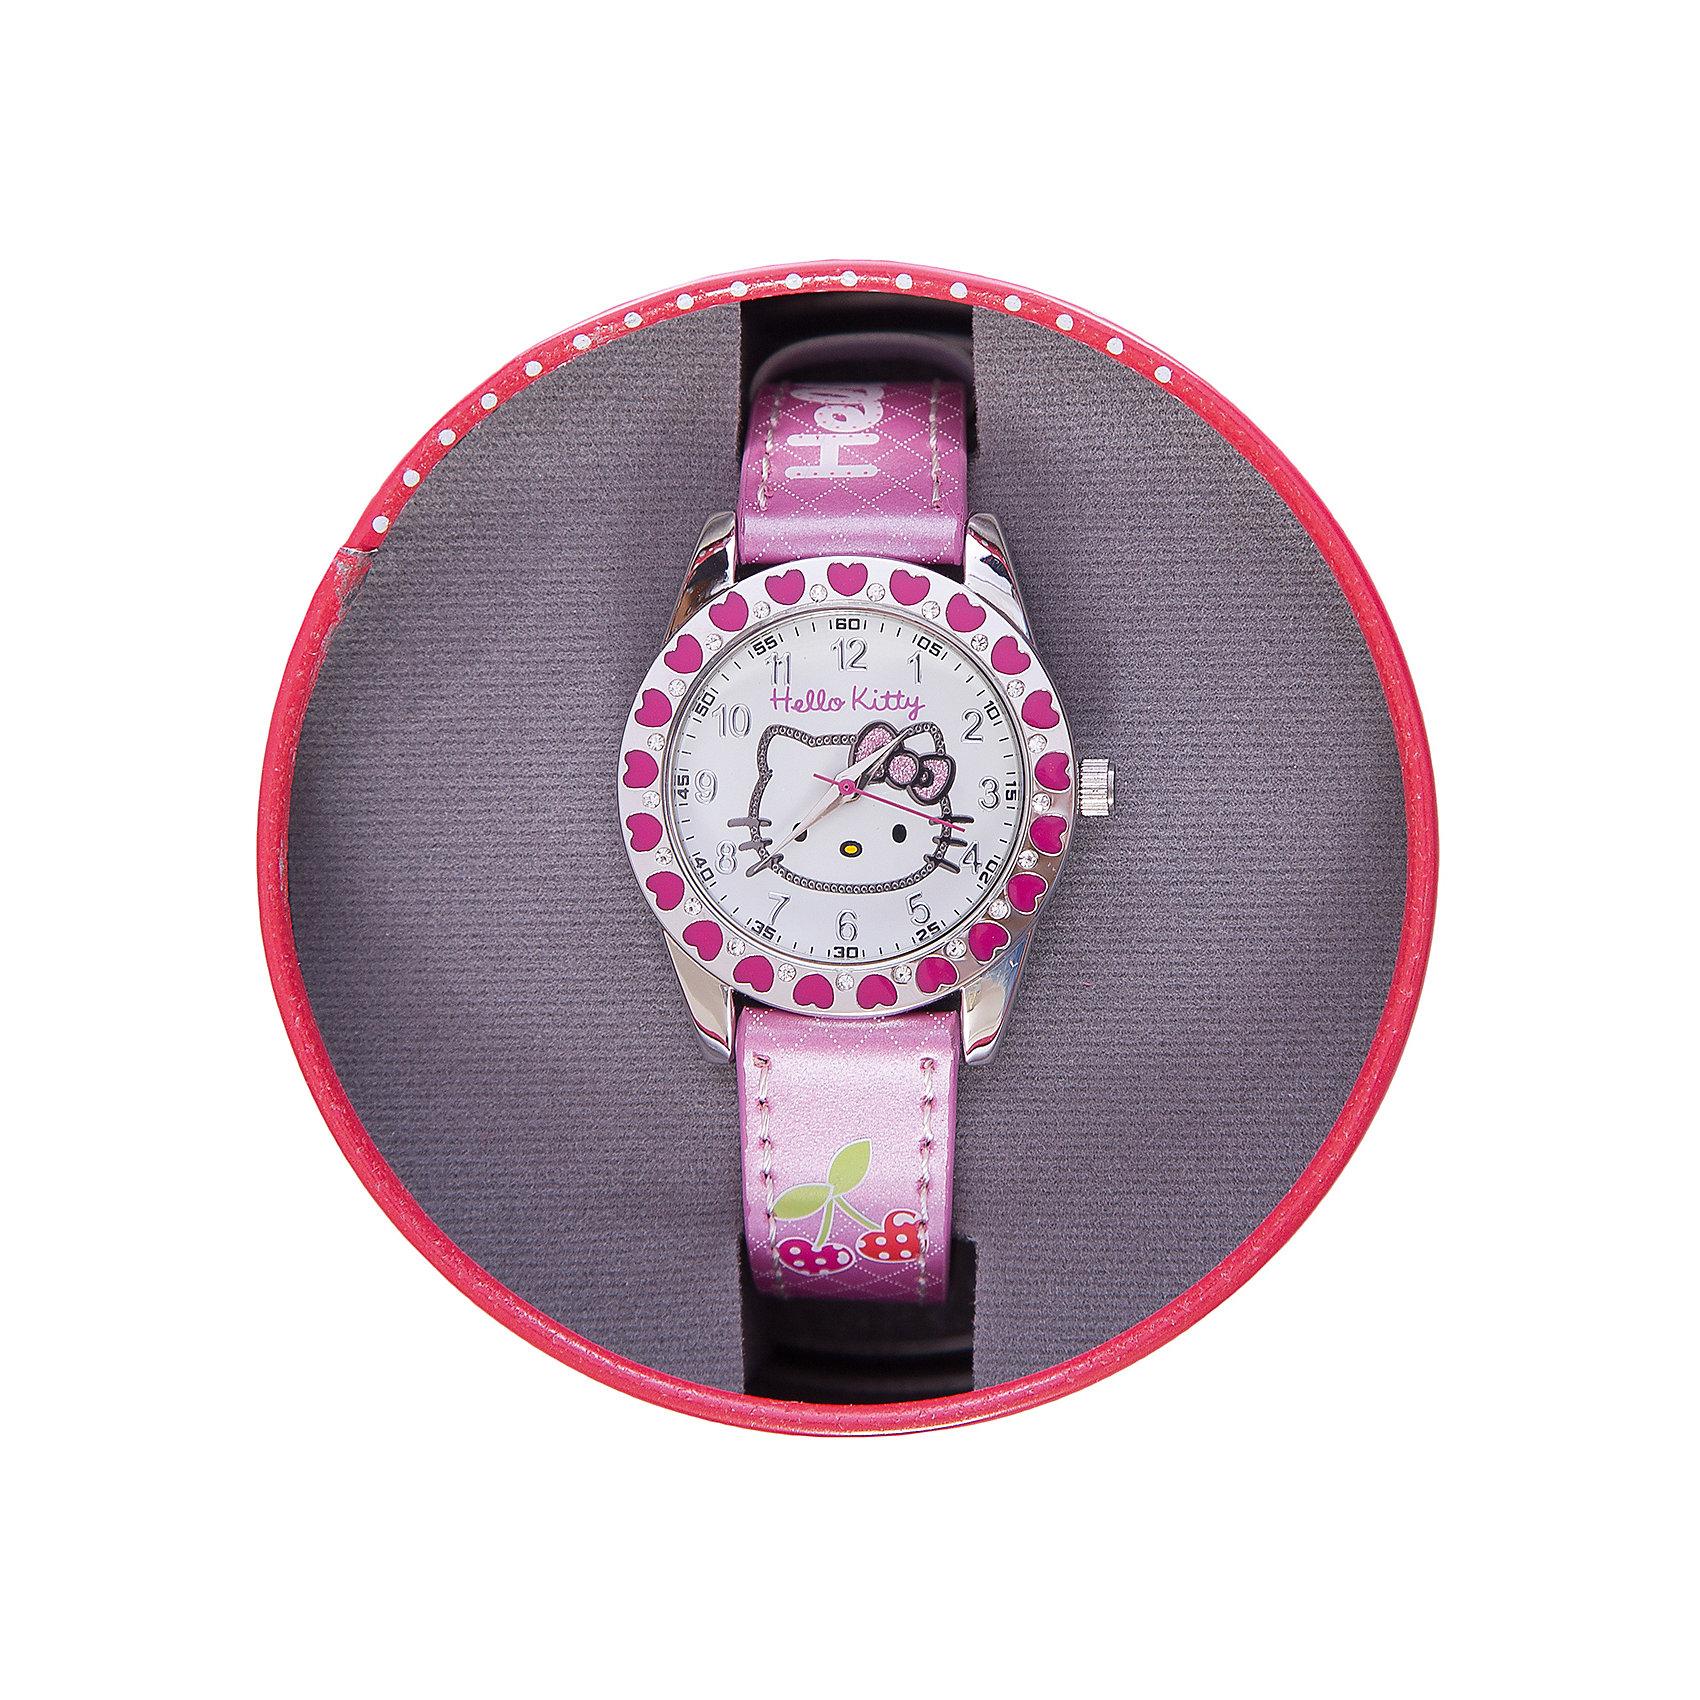 Часы наручные аналоговые, Hello KittyHello Kitty<br>Эксклюзивные наручные аналоговые часы торговой марки Hello Kitty выполнены по индивидуальному дизайну ООО «Детское Время» и лицензии компании Sanrio. Обилие деталей - декоративных элементов (страз, мерцающих ремешков), надписей,  уникальных изображений - делают изделие тщательно продуманным творением мастеров. Часы имеют высококачественный японский кварцевый механизм и отличаются надежностью и точностью хода. Часы водоустойчивы и обладают достаточной герметичностью, чтобы спокойно перенести случайный и незначительный контакт с жидкостями (дождь, брызги), но они не предназначены для плавания или погружения в воду. Циферблат защищен от повреждений прочным минеральным стеклом. Корпус часов выполнен из стали,  задняя крышка из нержавеющей стали. Материал браслета: искусственная кожа. Единица товара упаковывается в стильную подарочную коробочку. Неповторимый стиль с изобилием насыщенных и в тоже время нежных гамм; надежность и прочность изделия позволяют говорить о нем только в превосходной степени!<br><br>Ширина мм: 55<br>Глубина мм: 10<br>Высота мм: 250<br>Вес г: 30<br>Возраст от месяцев: 36<br>Возраст до месяцев: 72<br>Пол: Женский<br>Возраст: Детский<br>SKU: 5529334